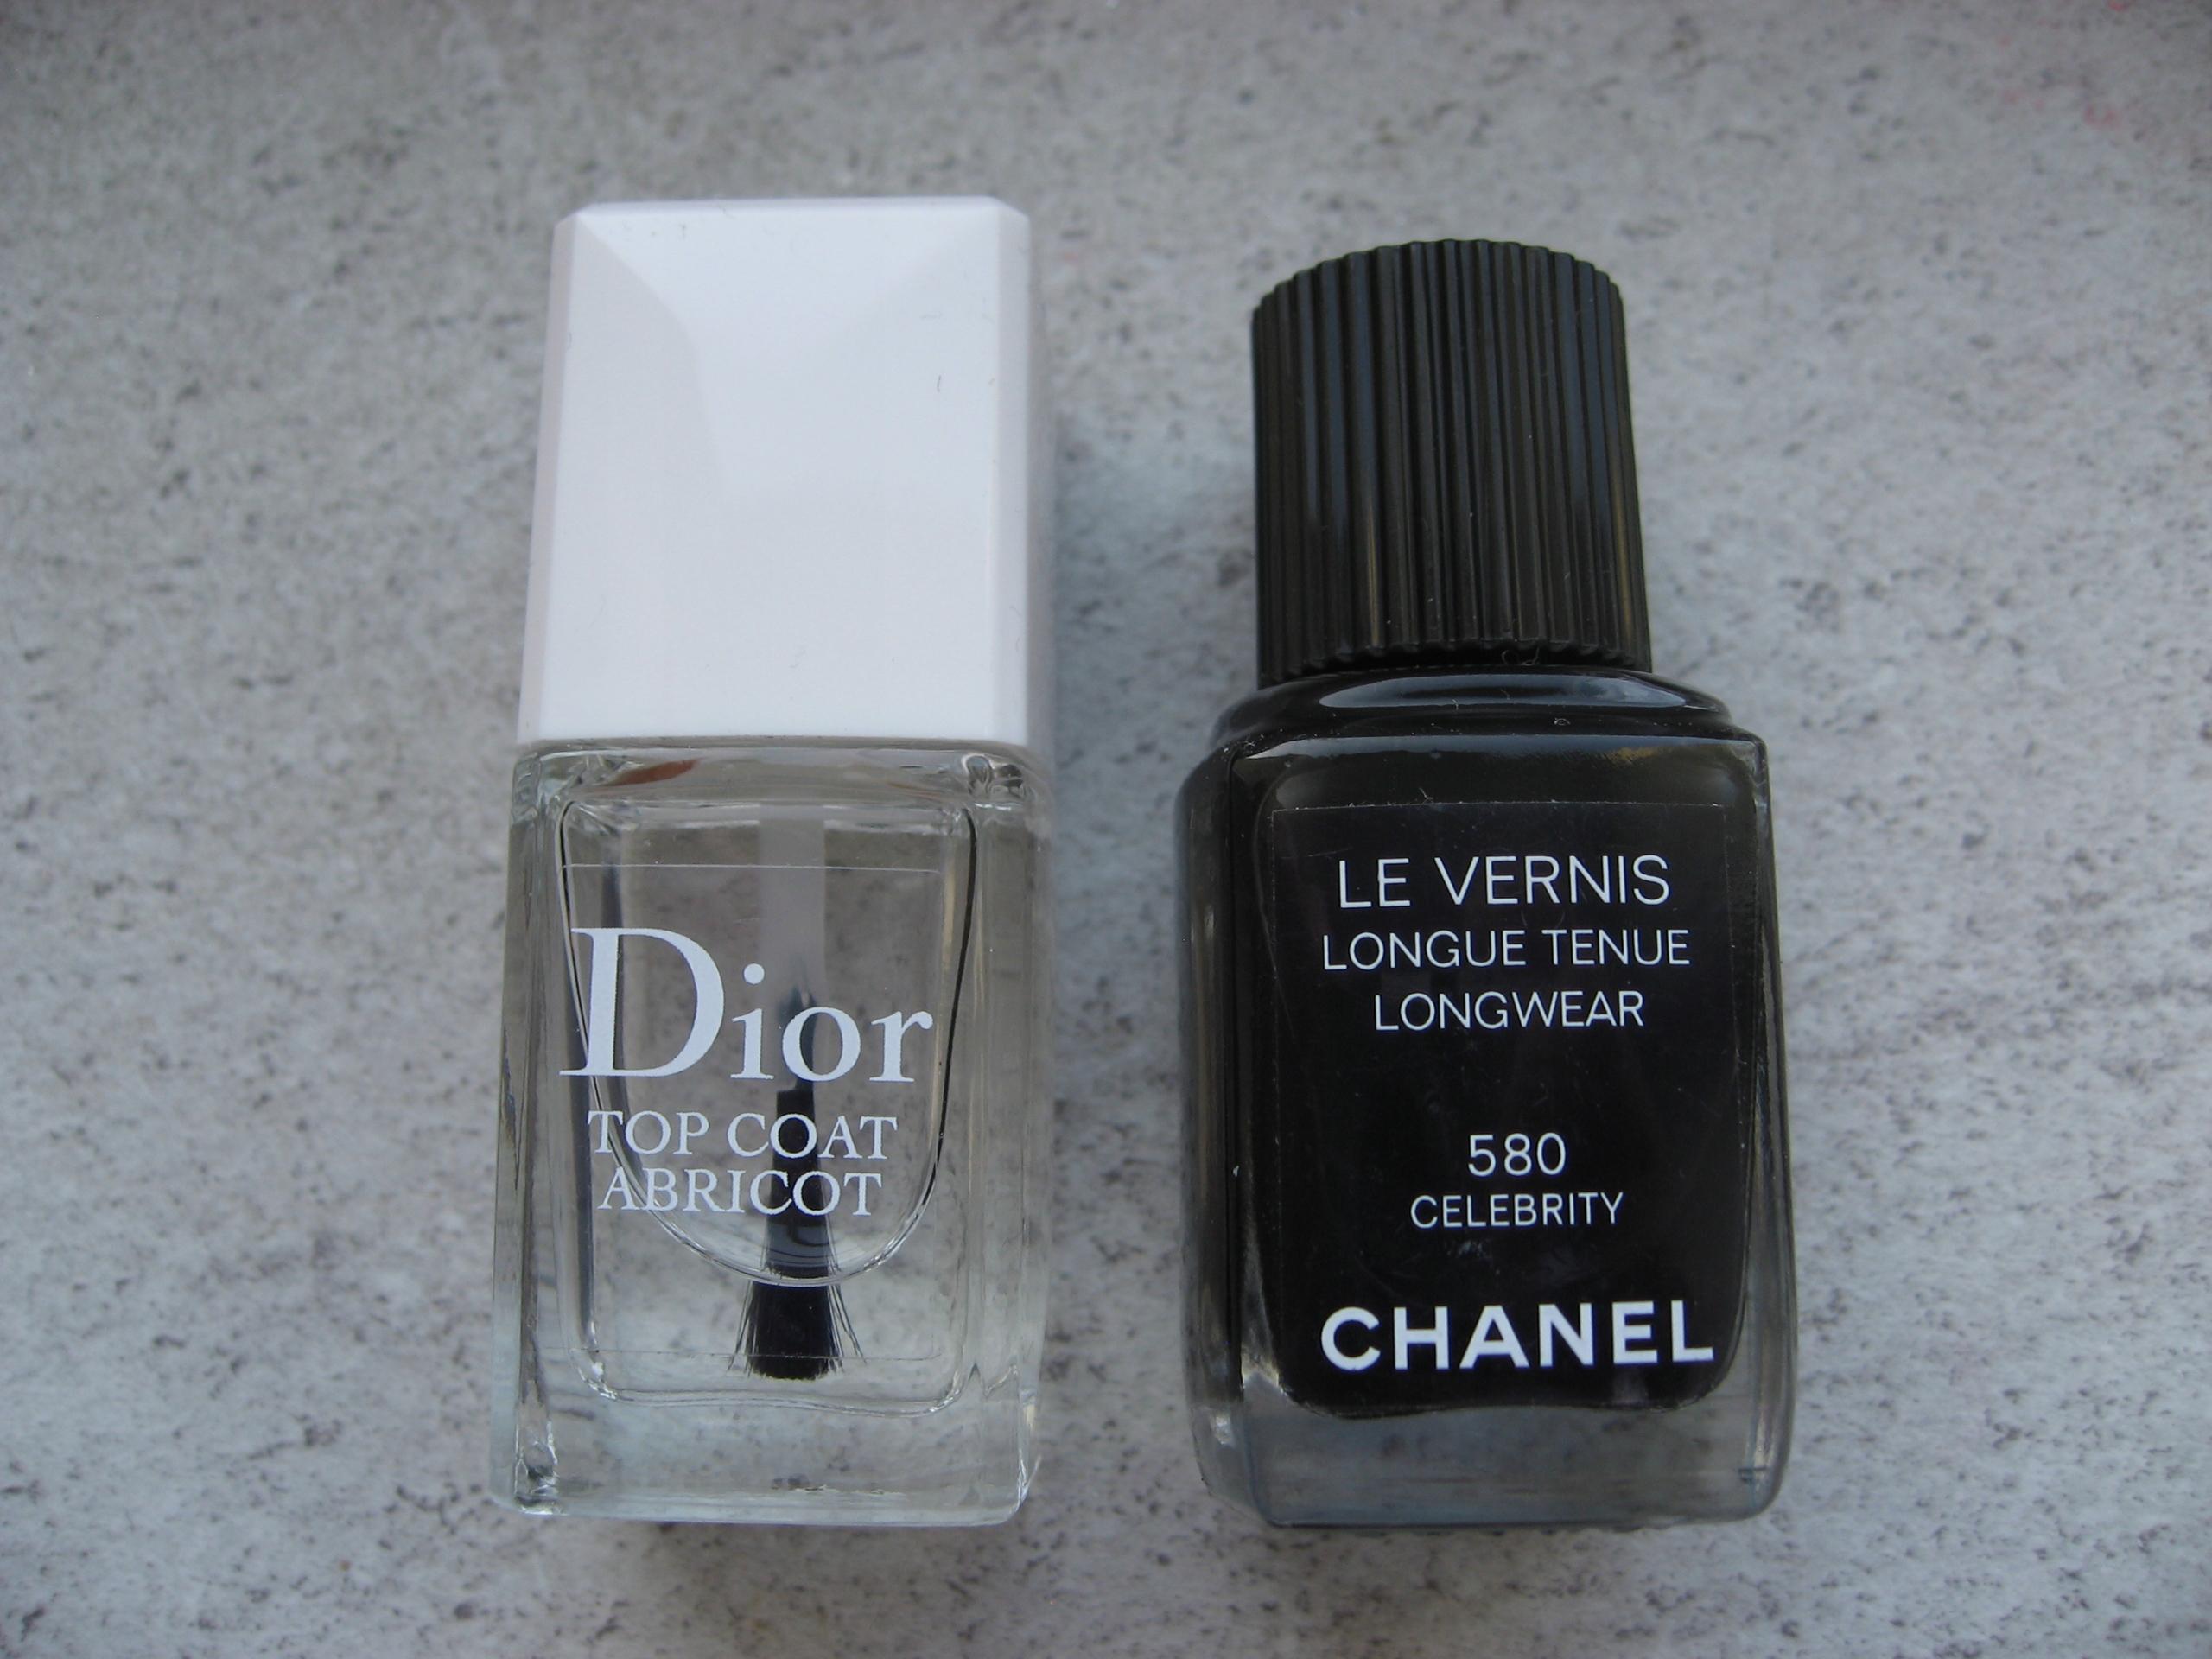 Chanel Le Vernis 580 + Dior Top Coat lakiery zest.